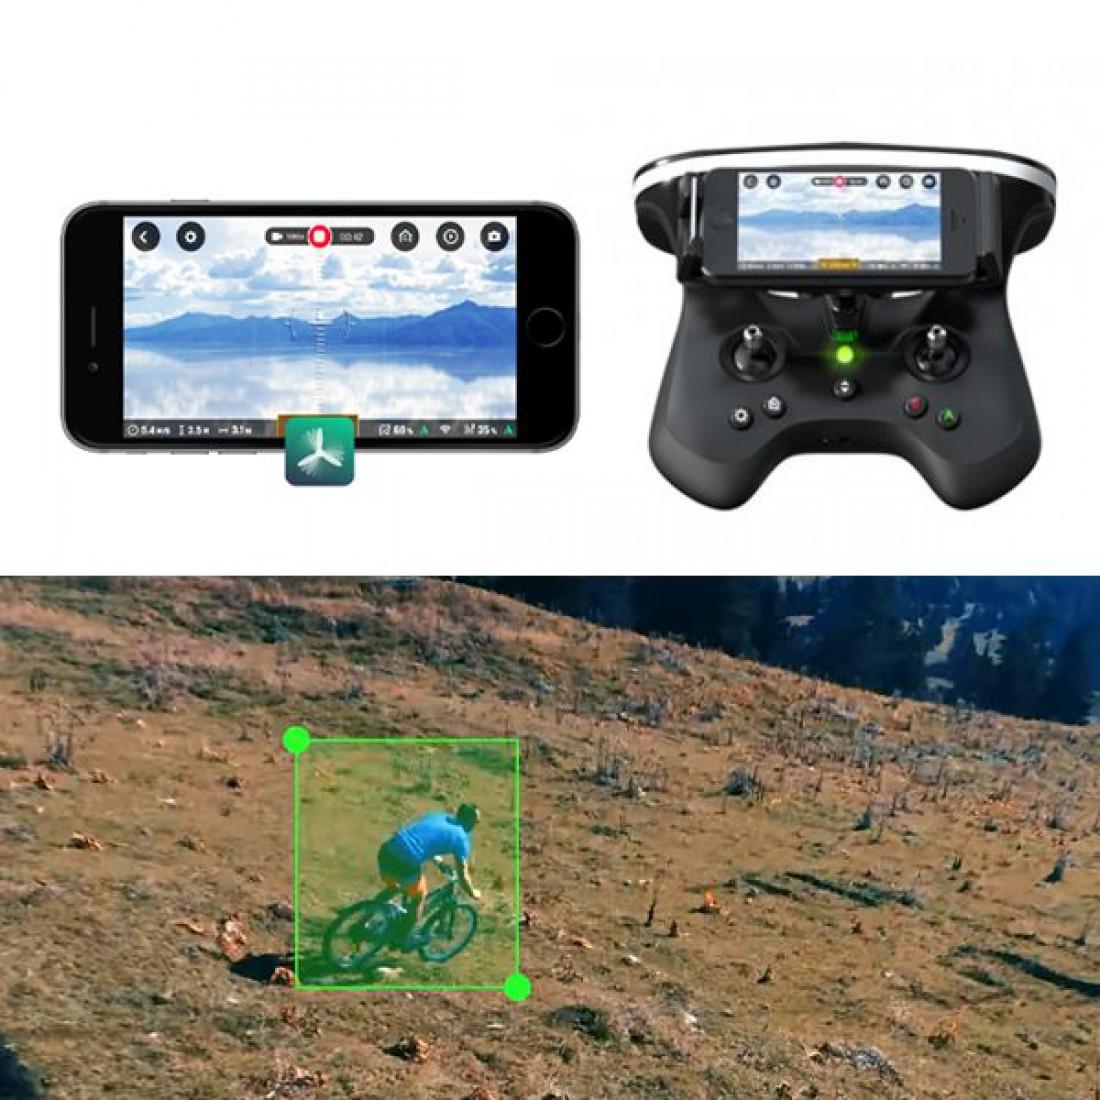 Камера Parrot Bebop 2 снимает с разрешением Full HD